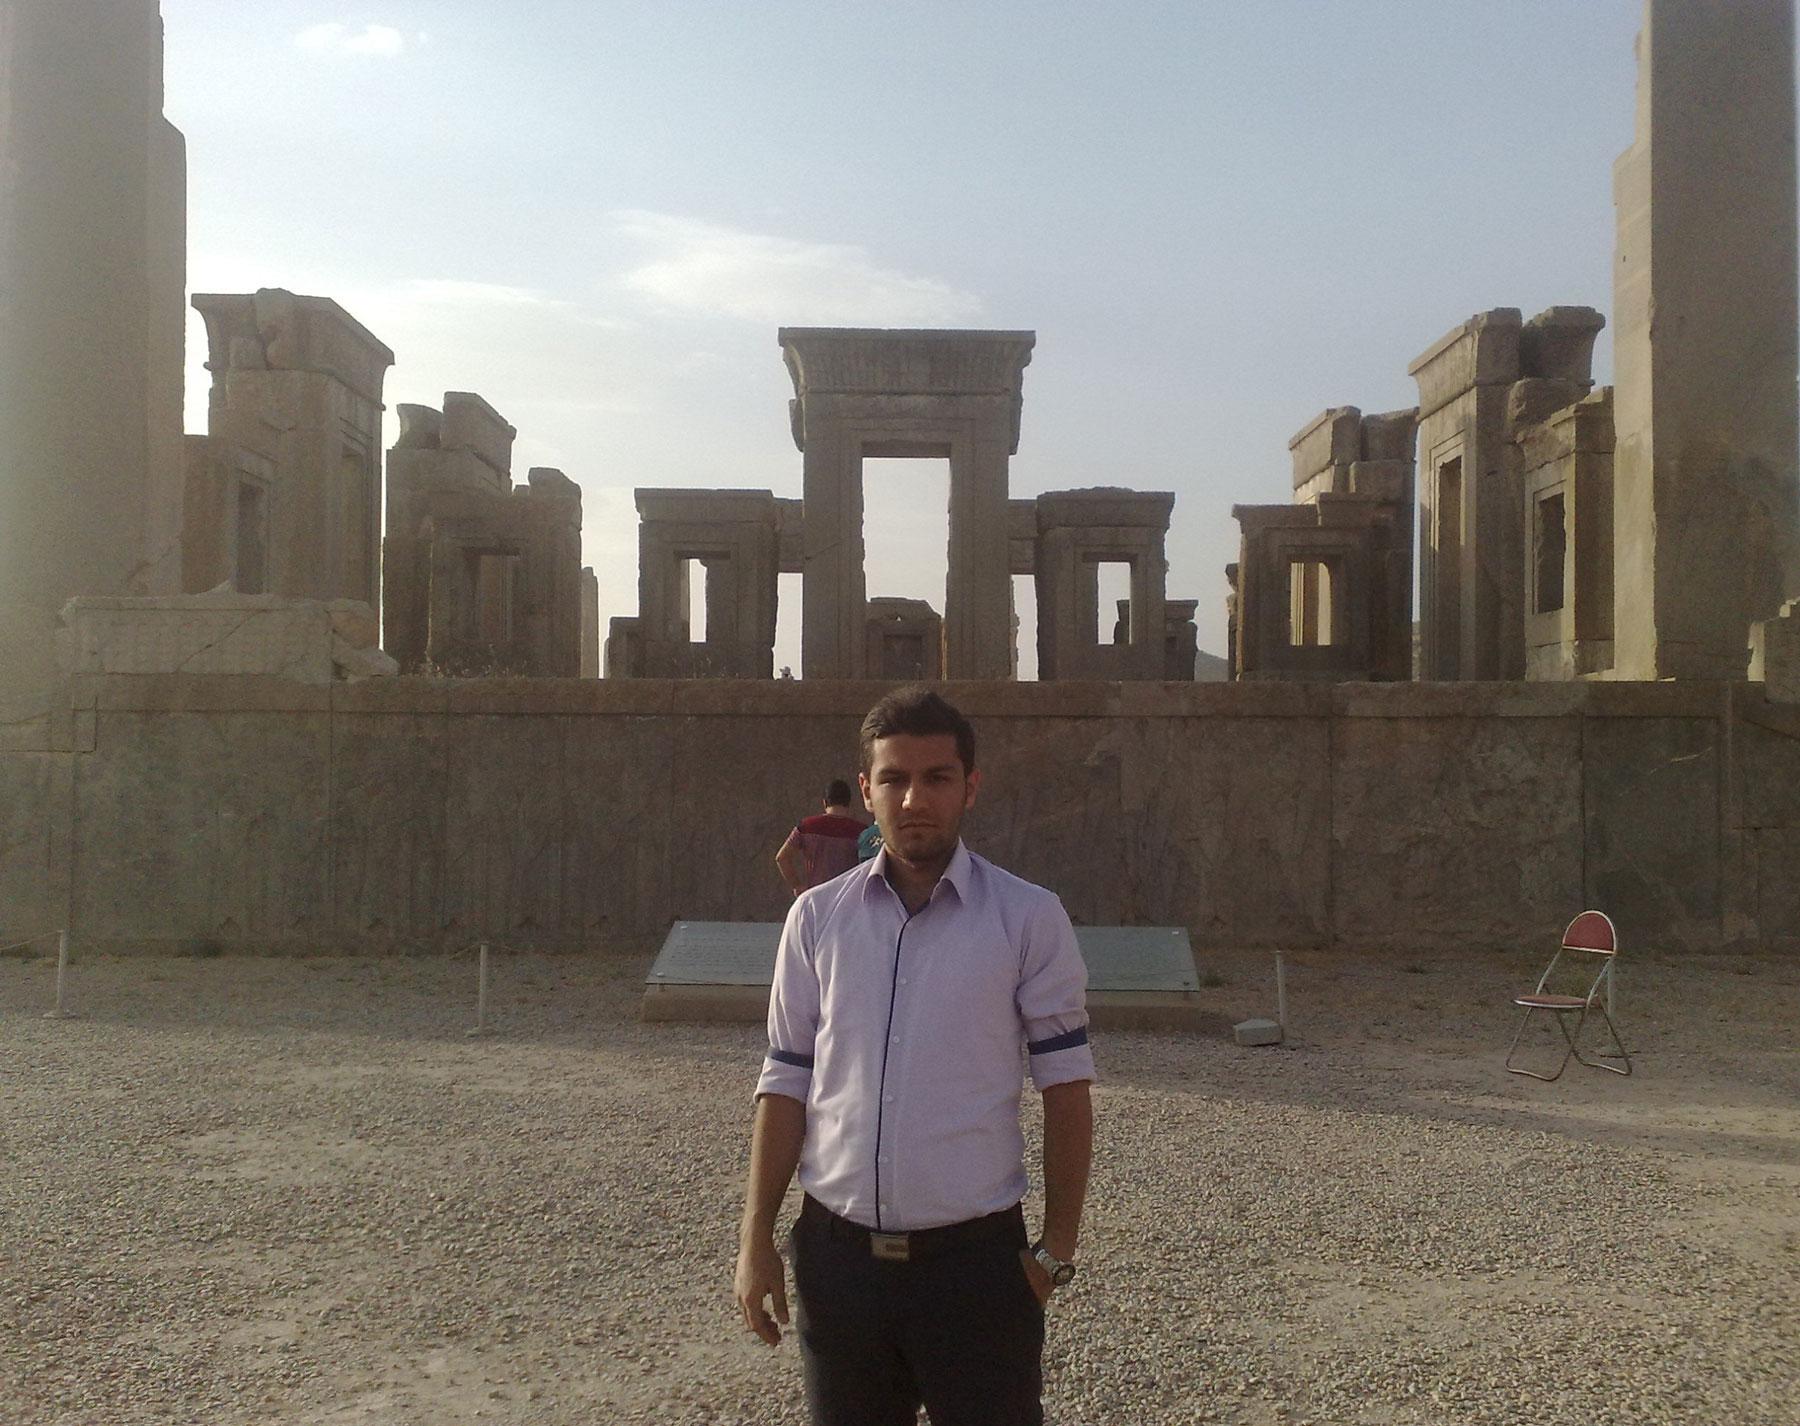 اسماعیل بهشتی، پرسپولیس شیراز 94